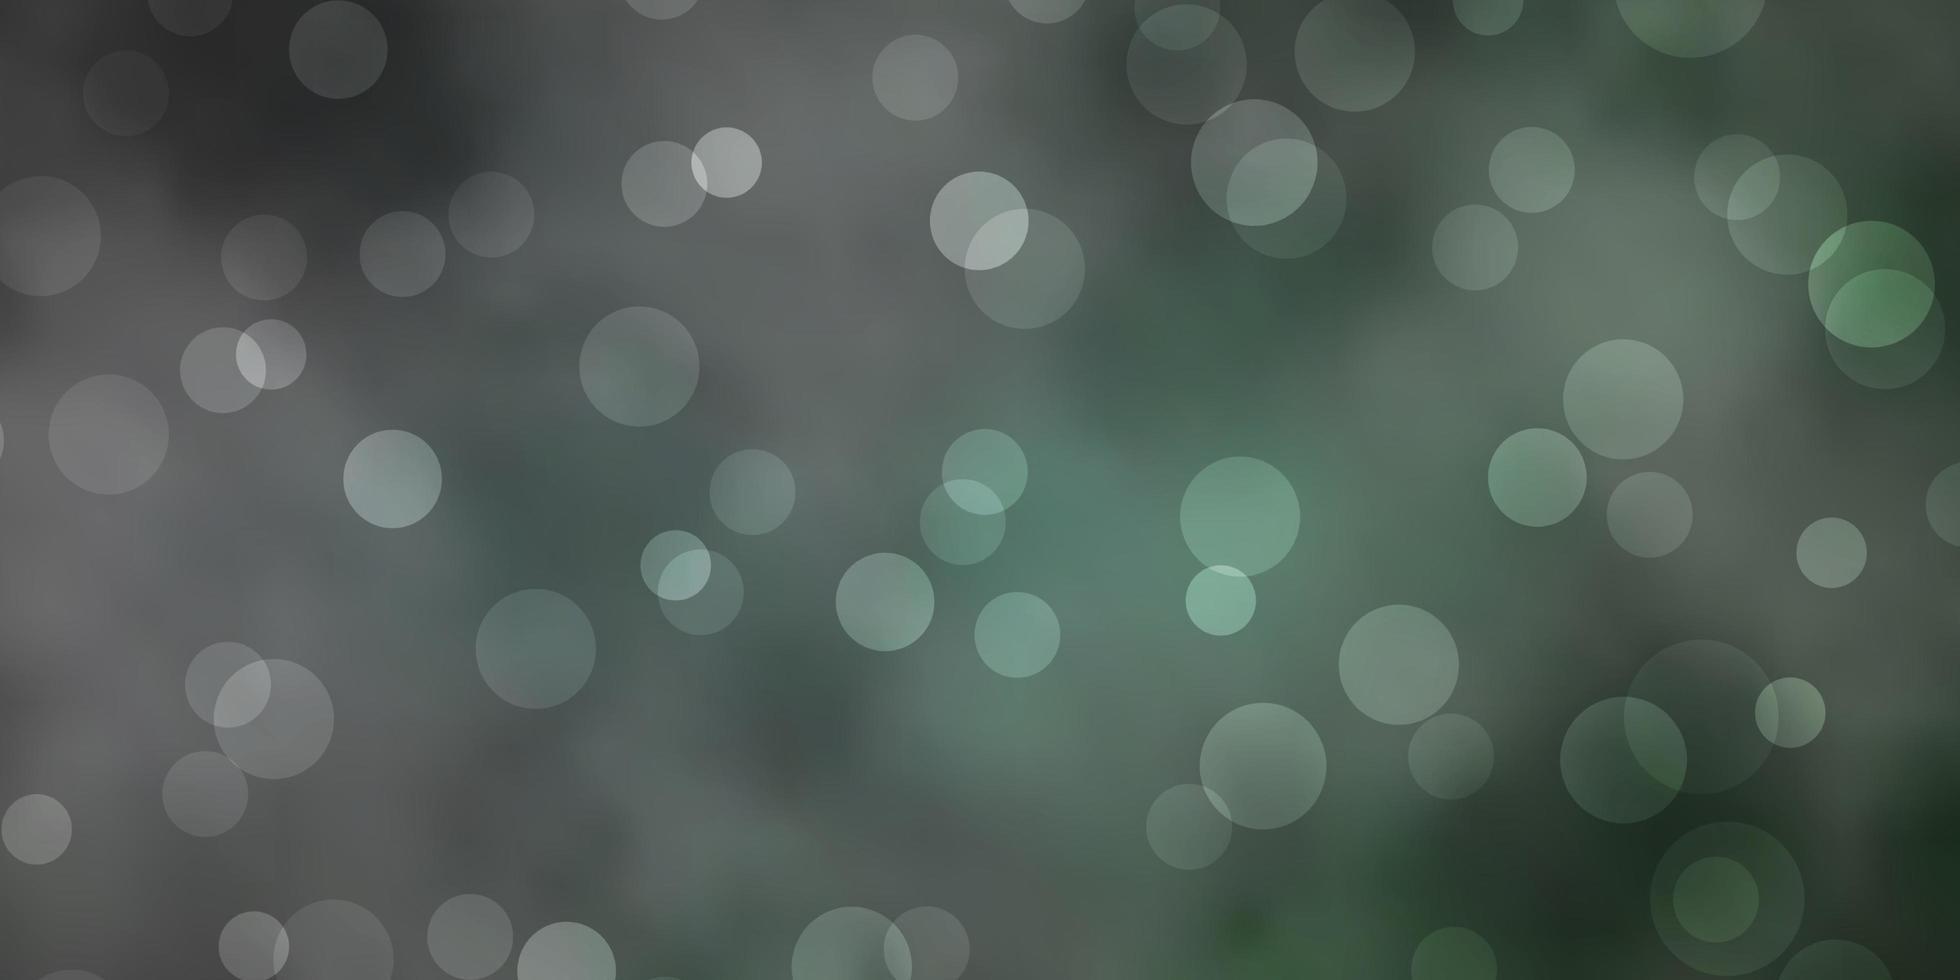 texture vecteur vert foncé avec des cercles.